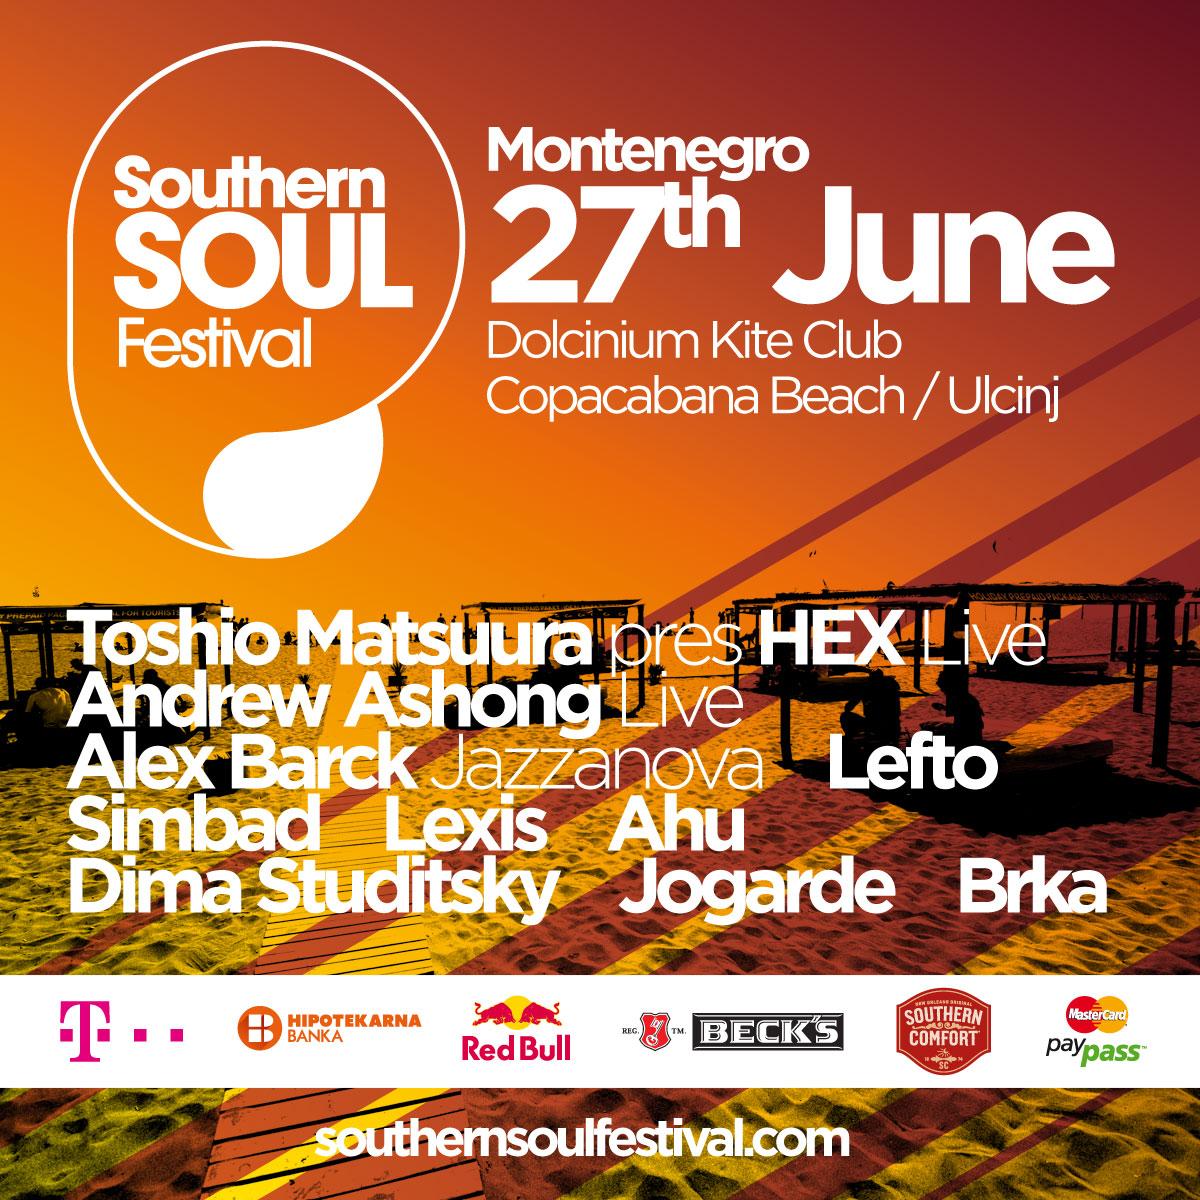 ssf 2014 day 02 fb poster Idemo u provod: Line Up Southern Soul Festivala